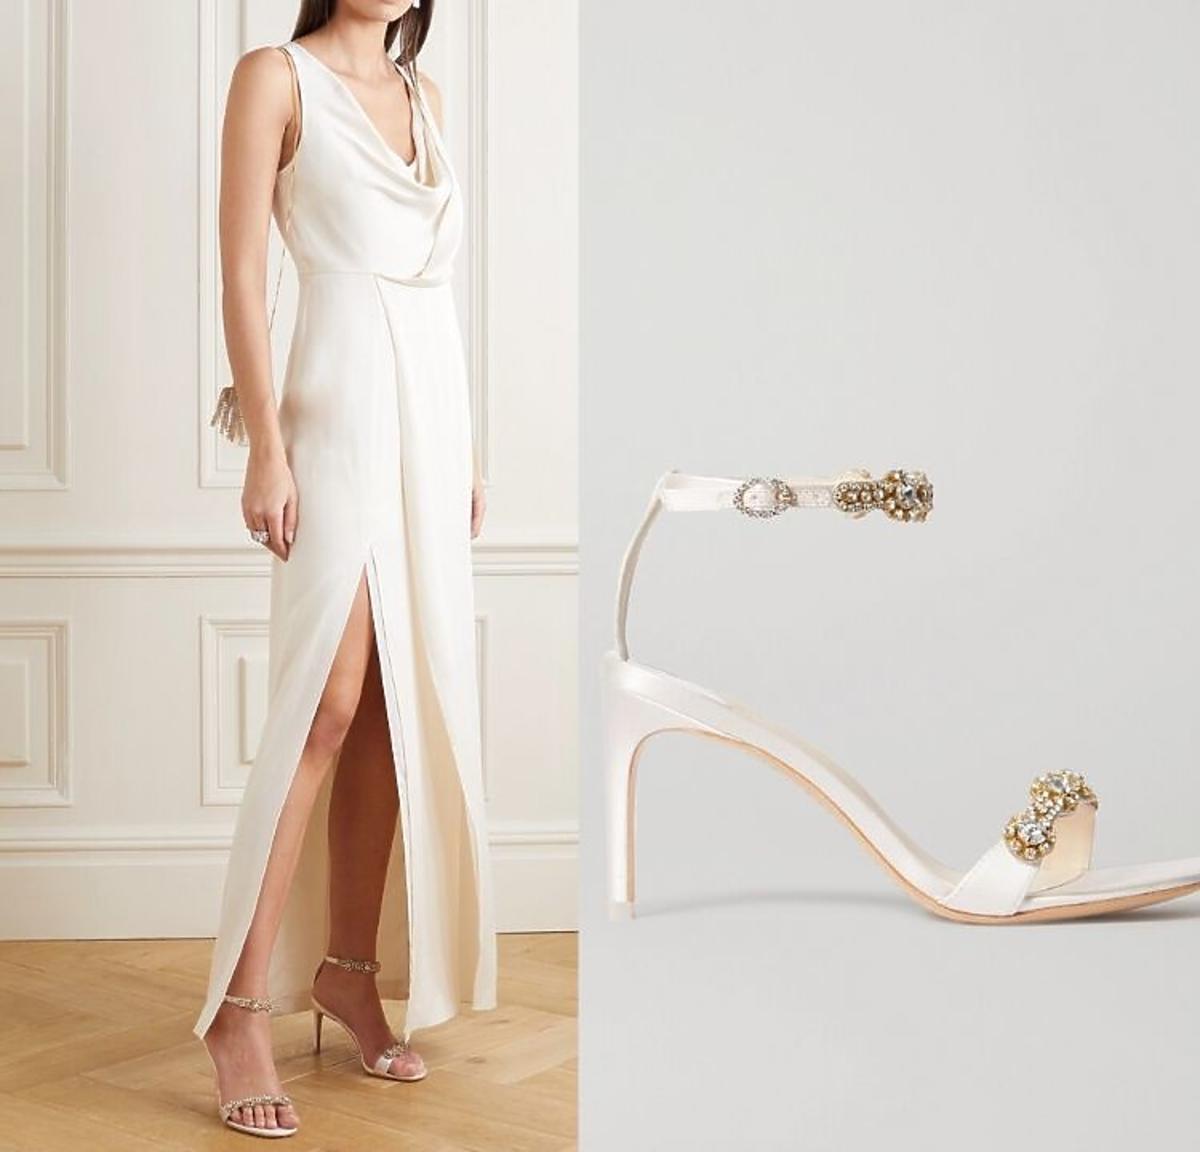 Buty ślubne trendy 2020-Sophia Webster